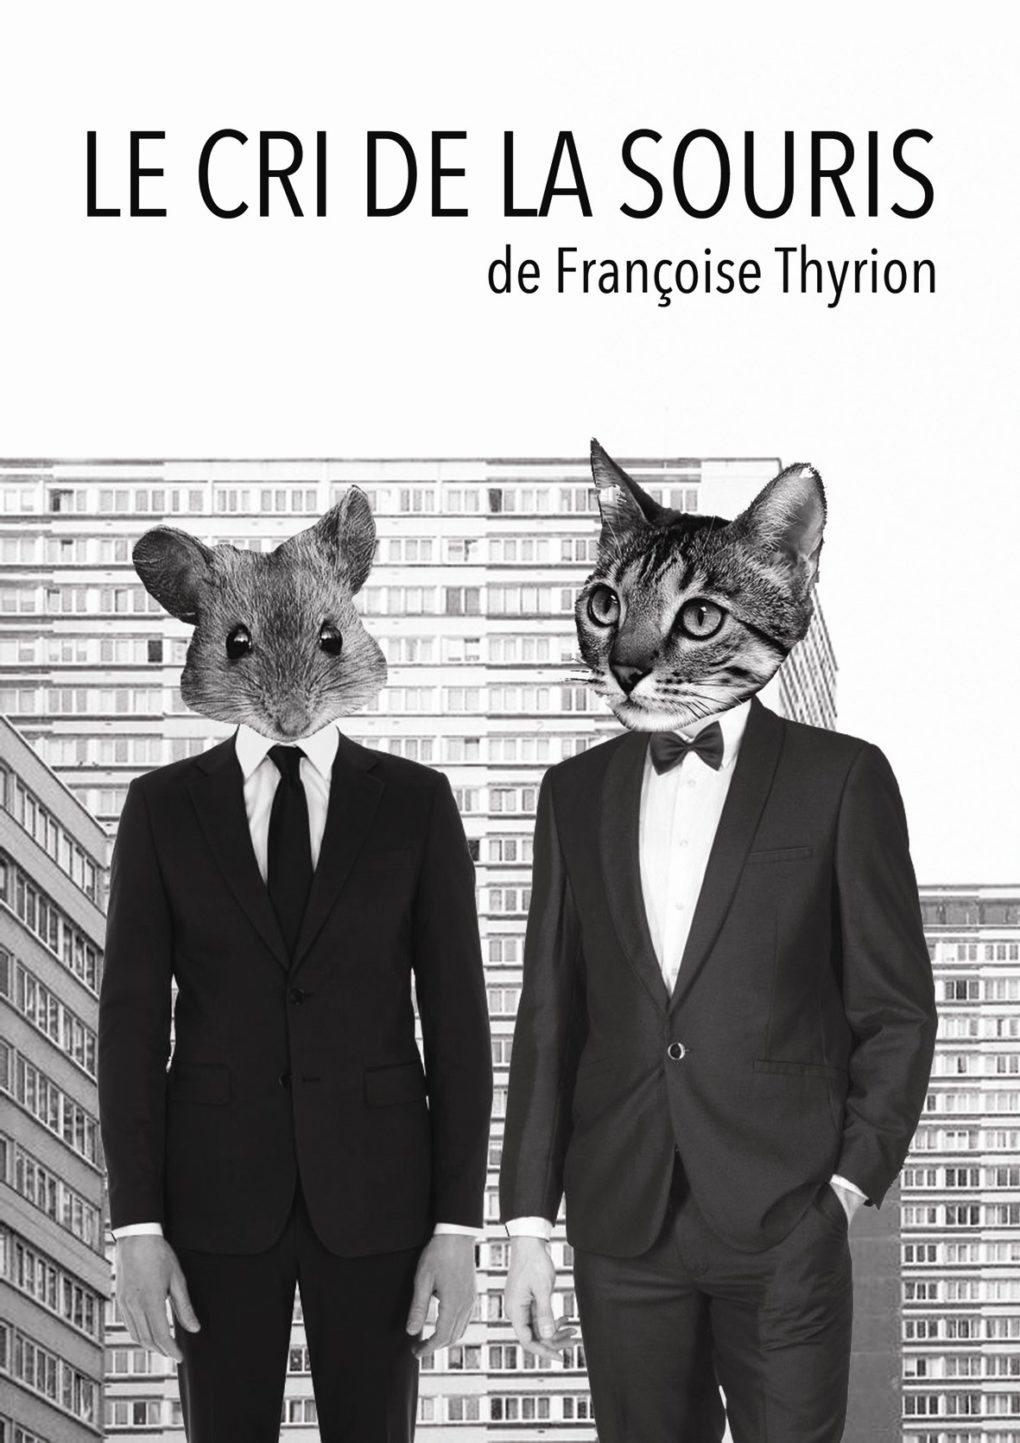 Le cri de la souris de Françoise Thyrion Nantes